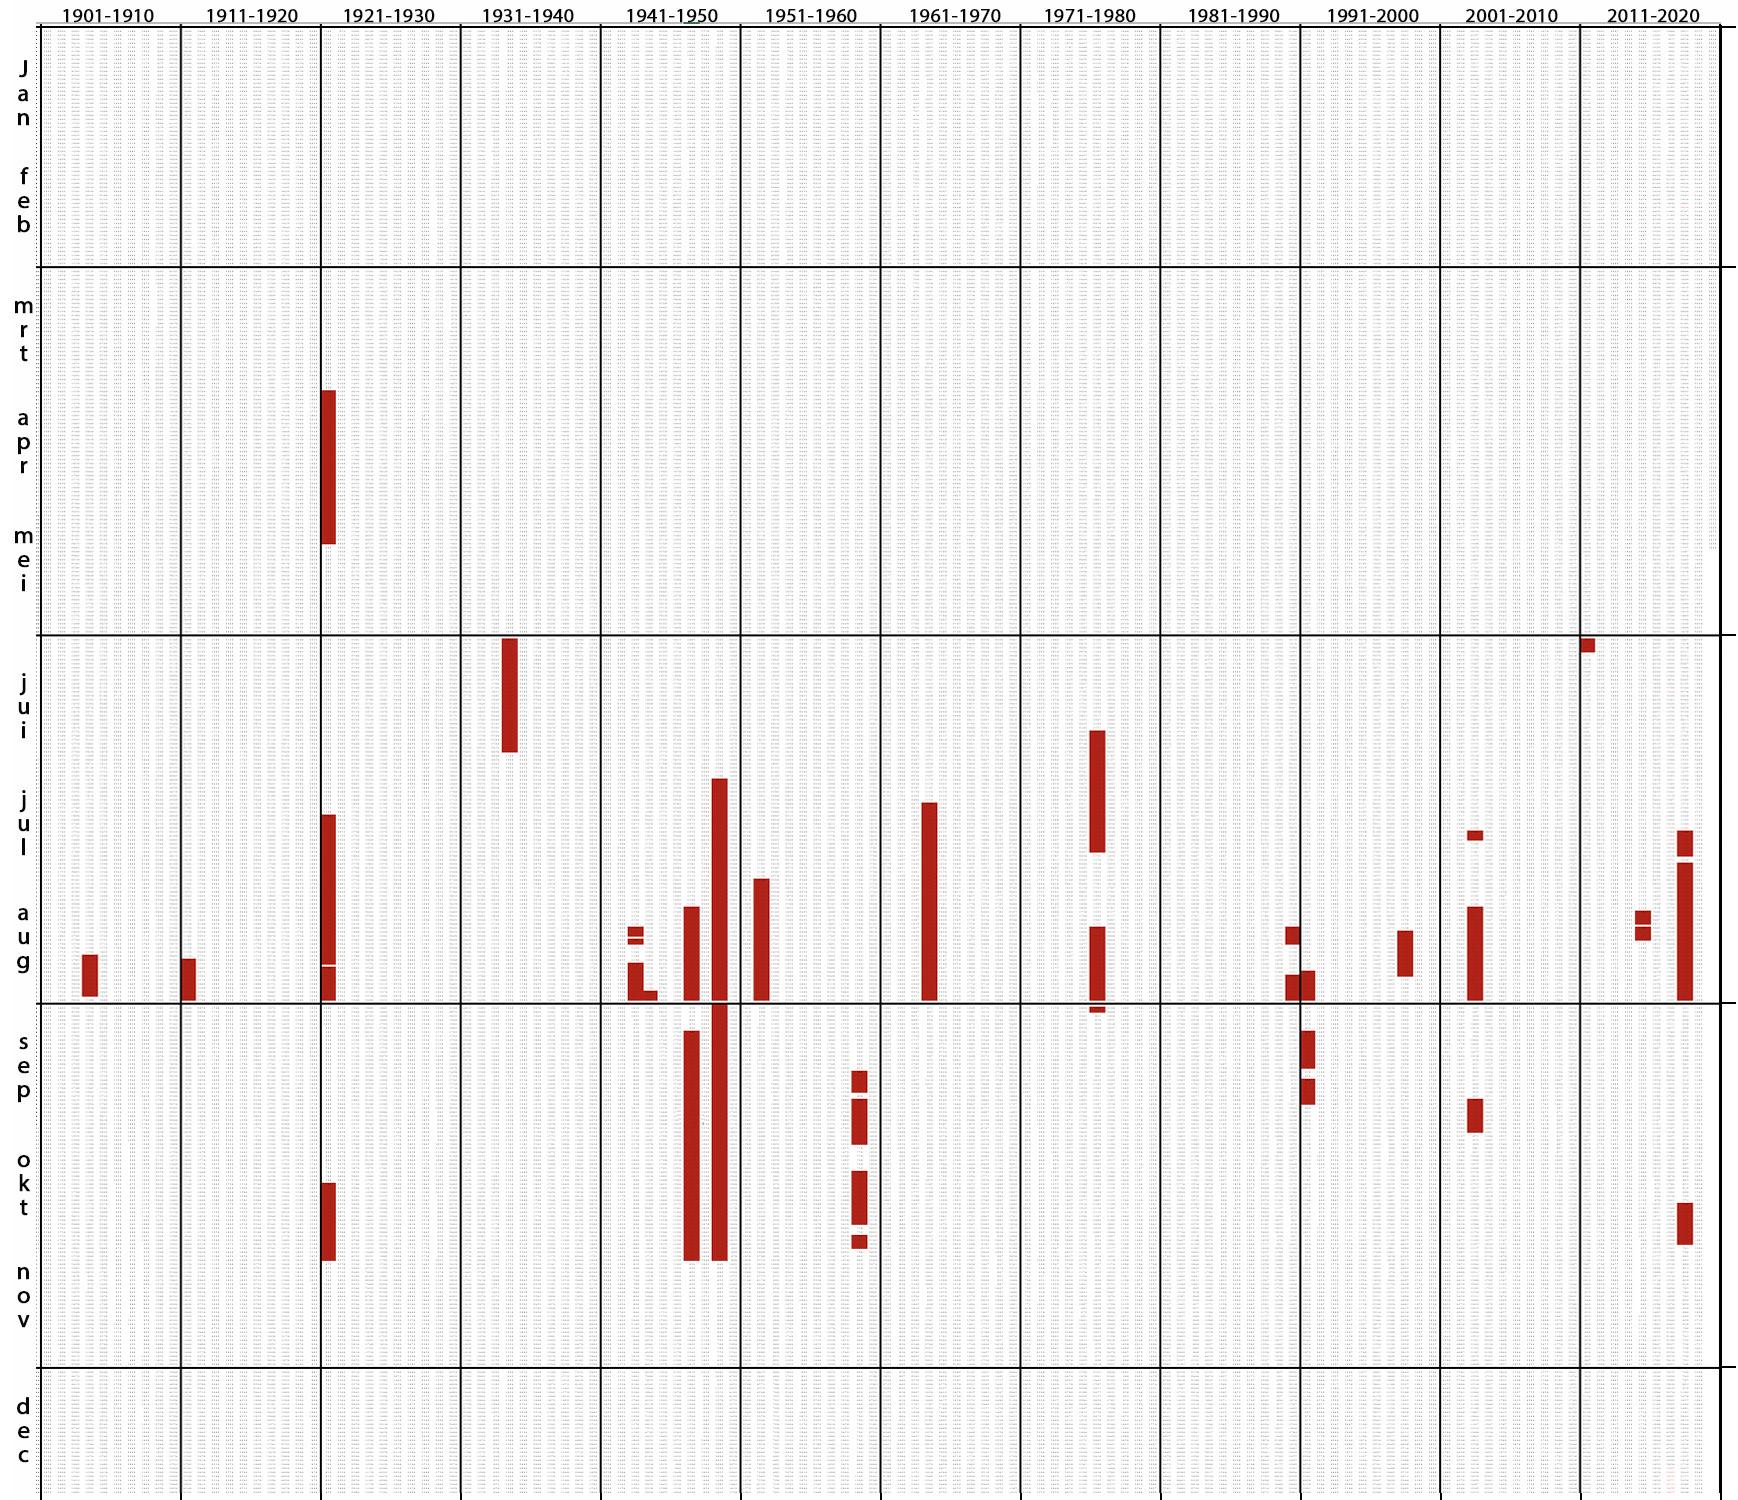 Afvoerreeks van de Rijn bij Lobith vanaf 1901 tot 2020. De jaren staan in de vertikale kolommen, 1901 geheel links en 2020 rechts. In rood zijn de dagen aangegeven dat er door de IJssel onvoldoende water aanvoerde om het IJsselmeerpeil te kunnen handhaven